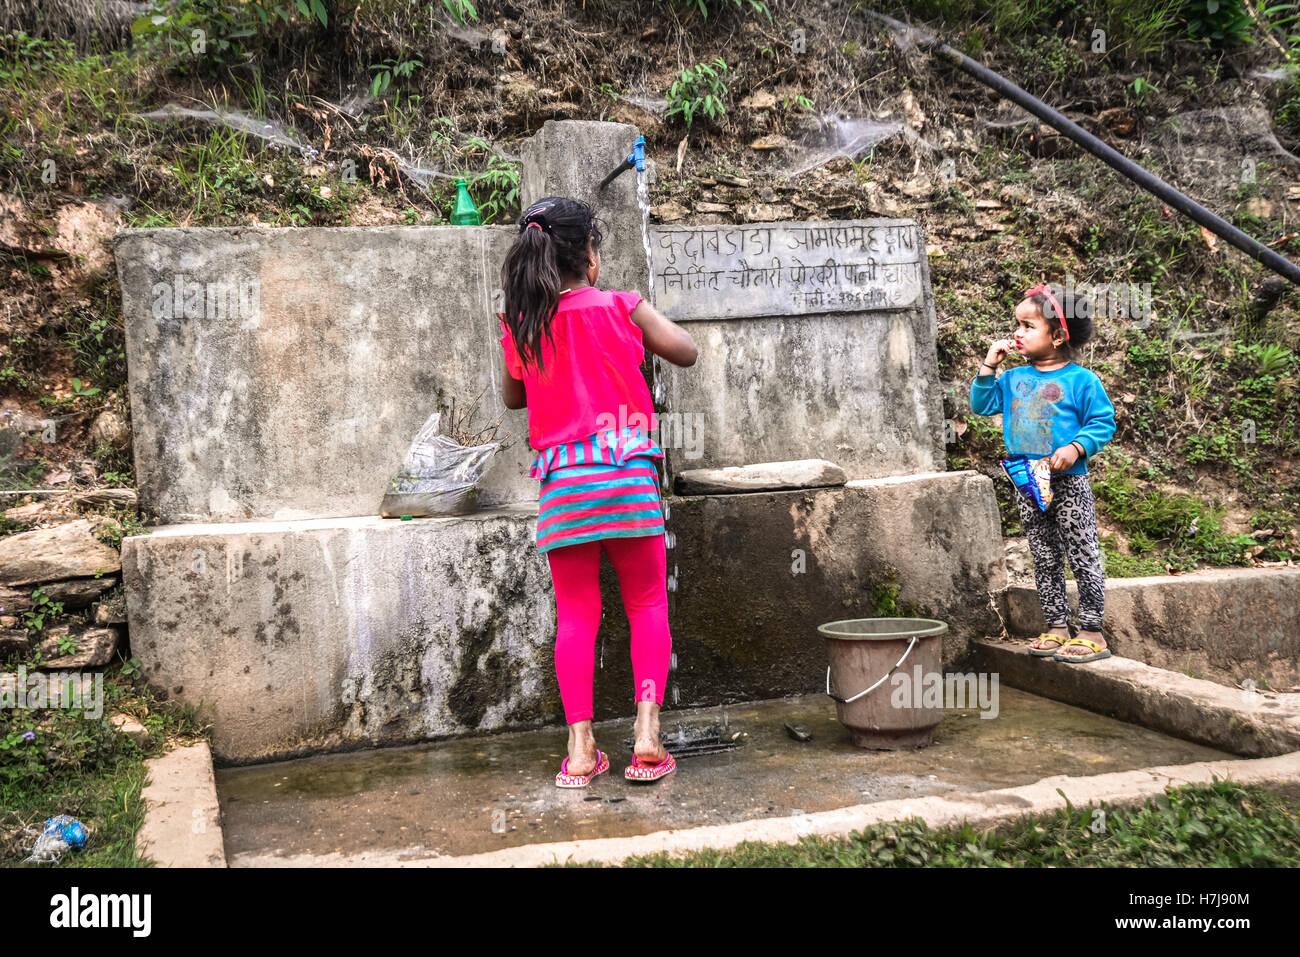 Niños en una absorción de agua comunales en zonas rurales Panchase, Nepal. © Reynold Sumayku Imagen De Stock